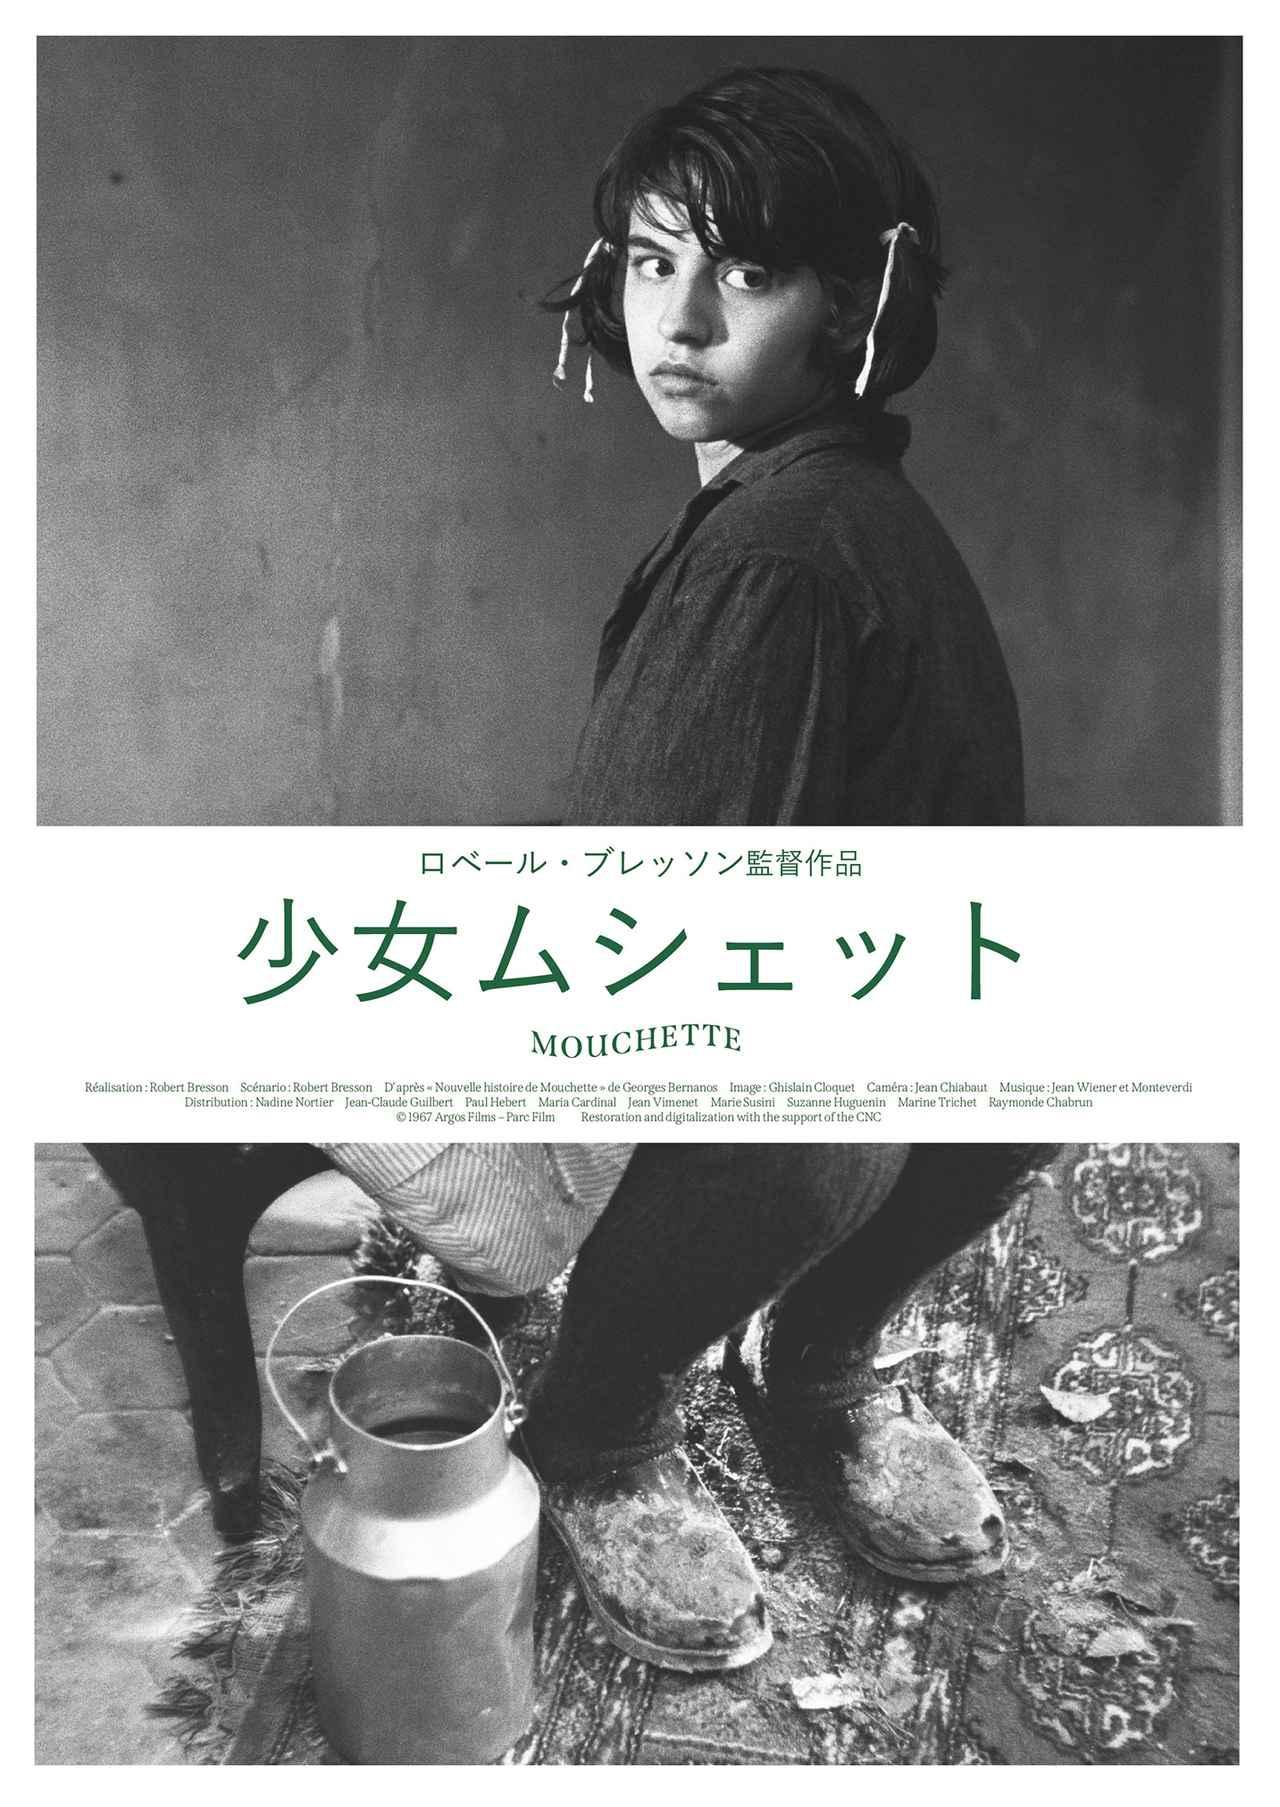 画像: 『少女ムシェット』チラシ・ビジュアル(表)